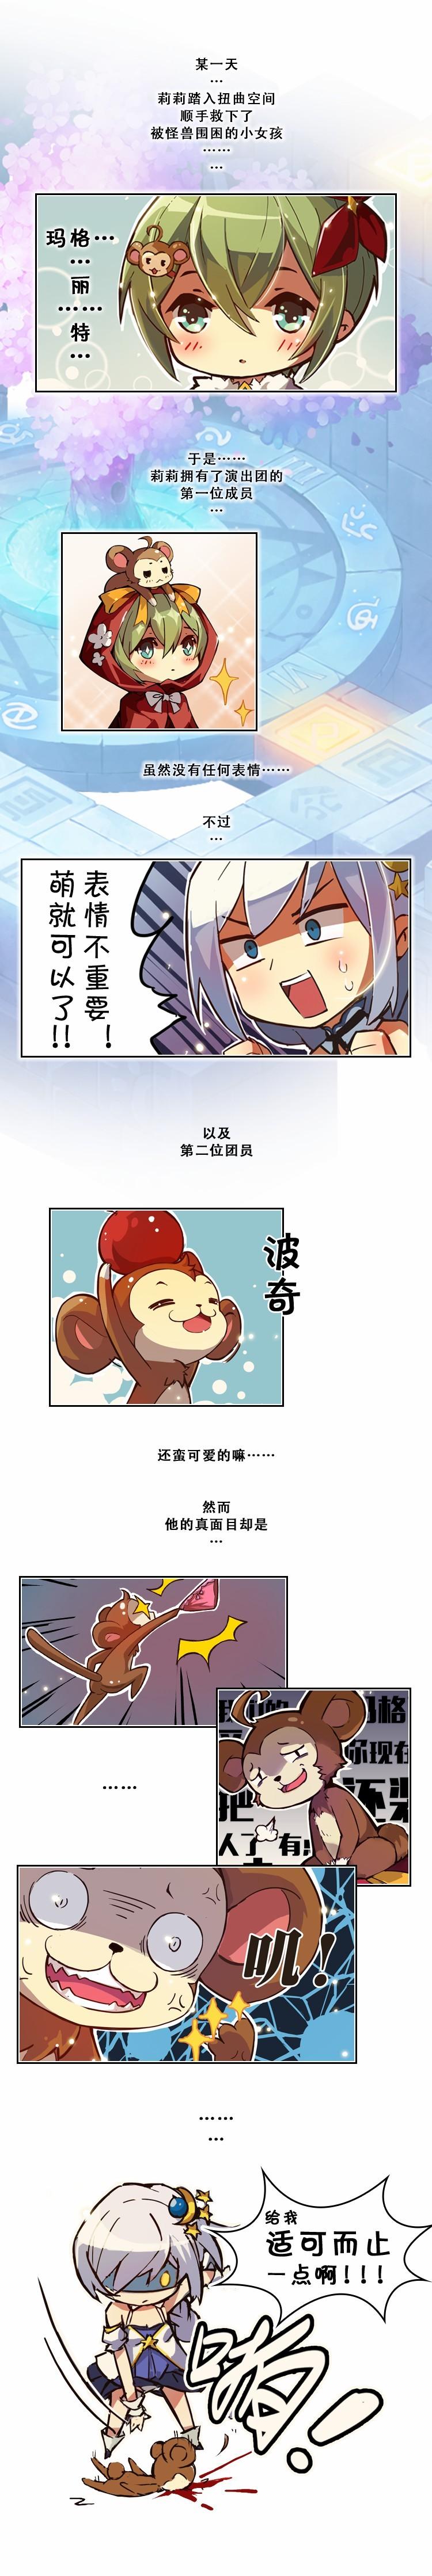 月亮演出团绝密资料首次大公开!(2)